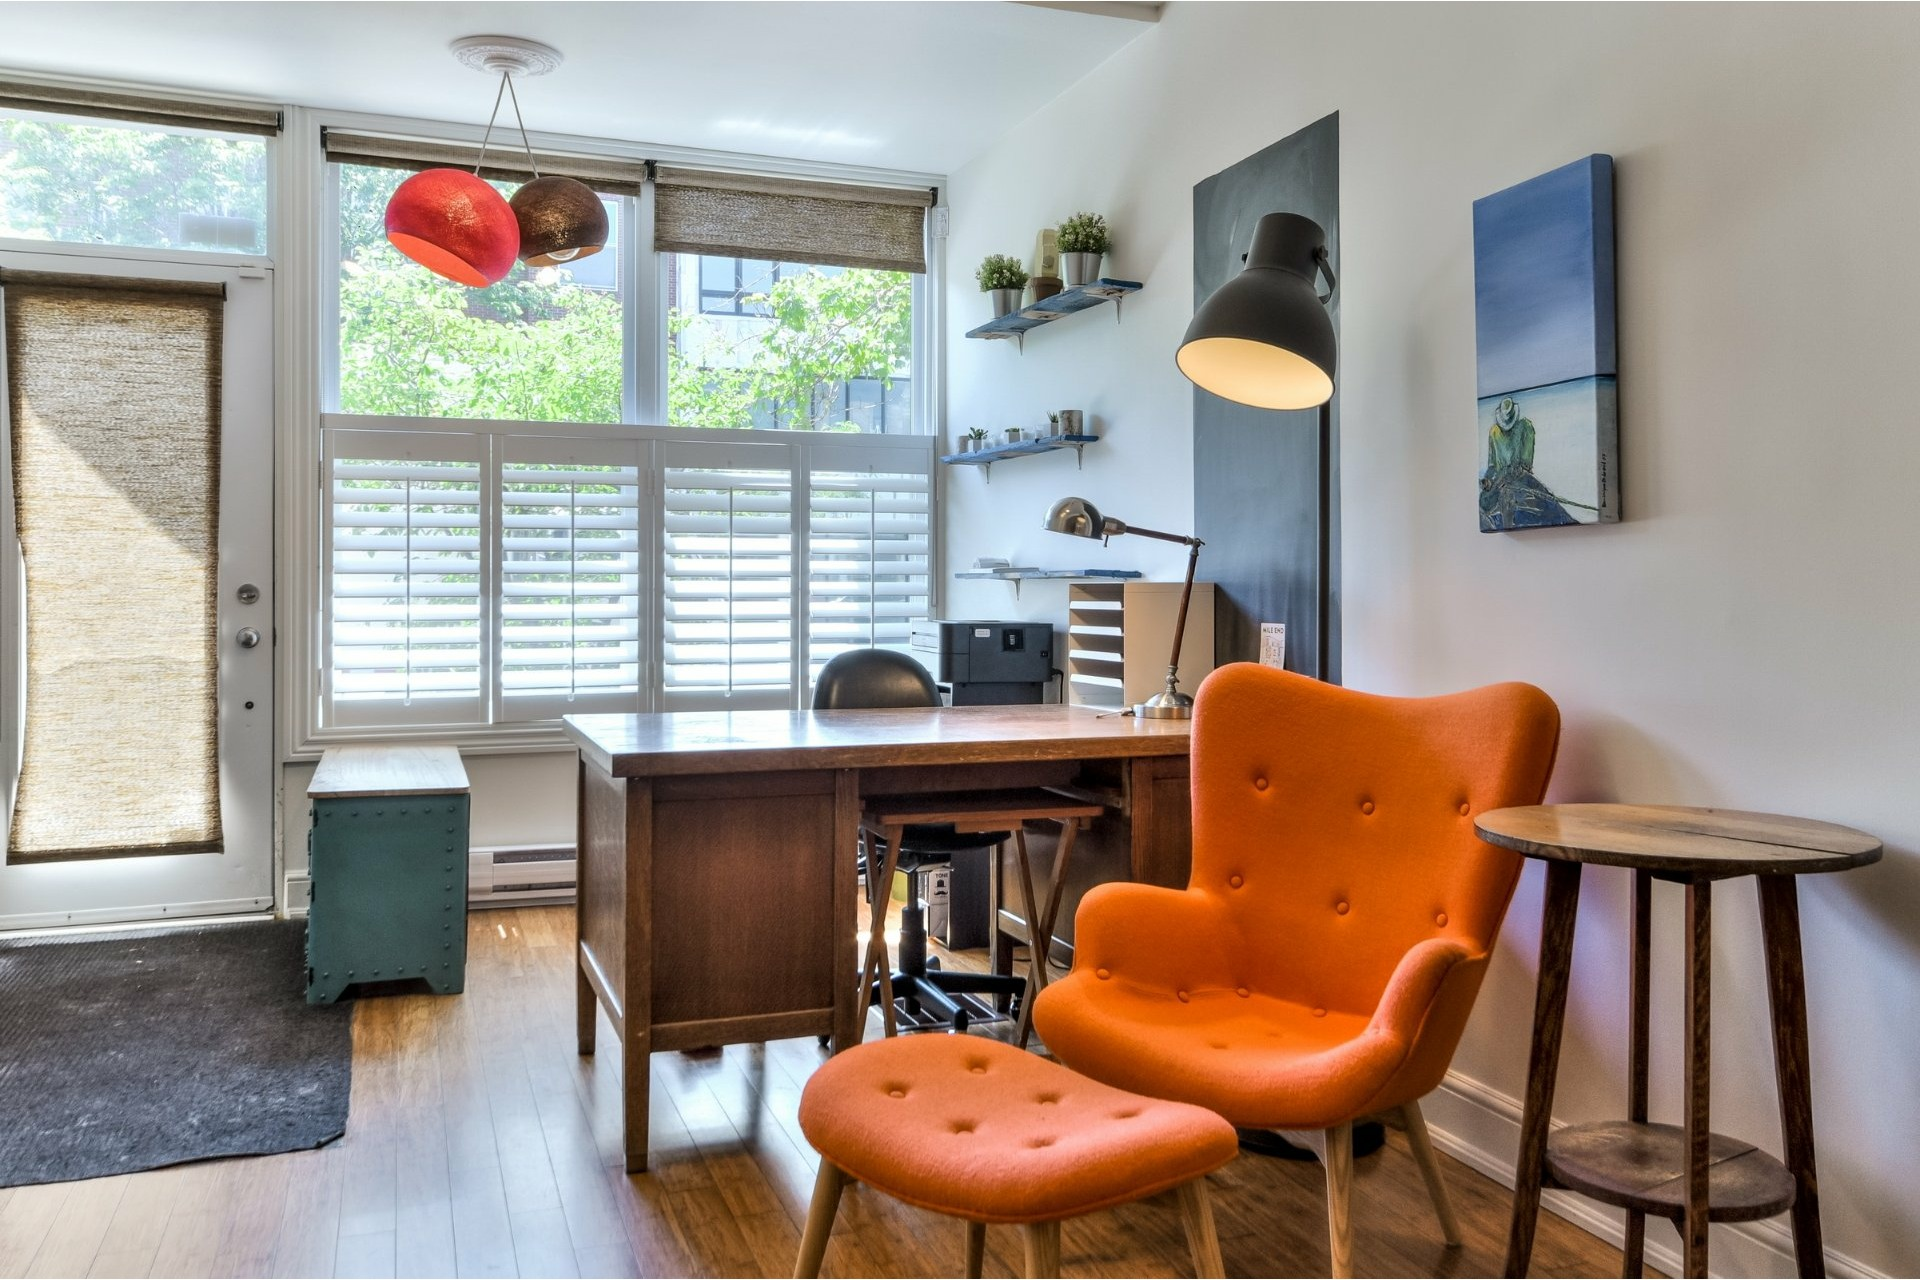 image 4 - Apartment For sale Le Plateau-Mont-Royal Montréal  - 5 rooms